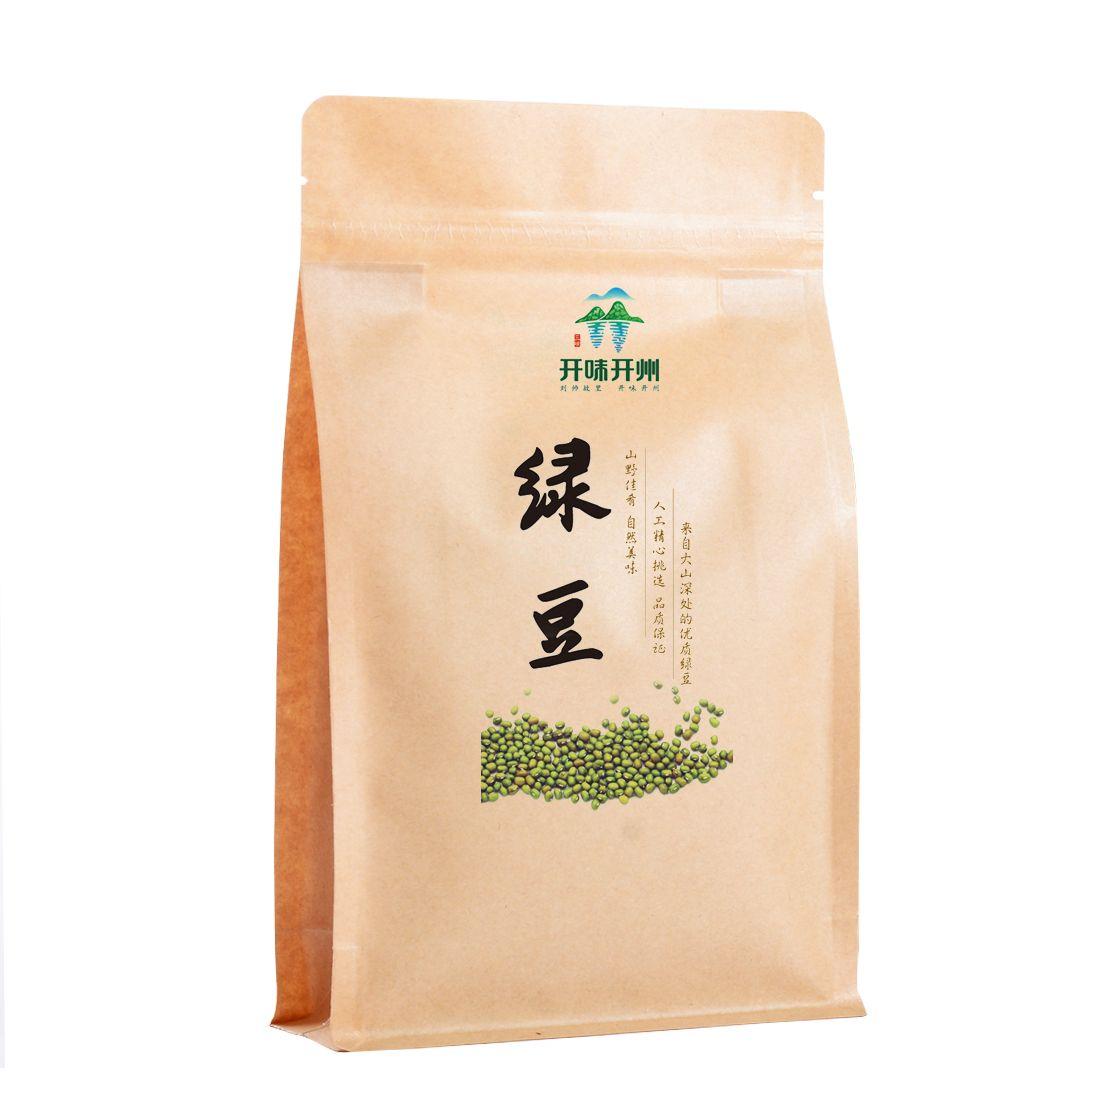 绿豆牛皮纸袋包装设计模板